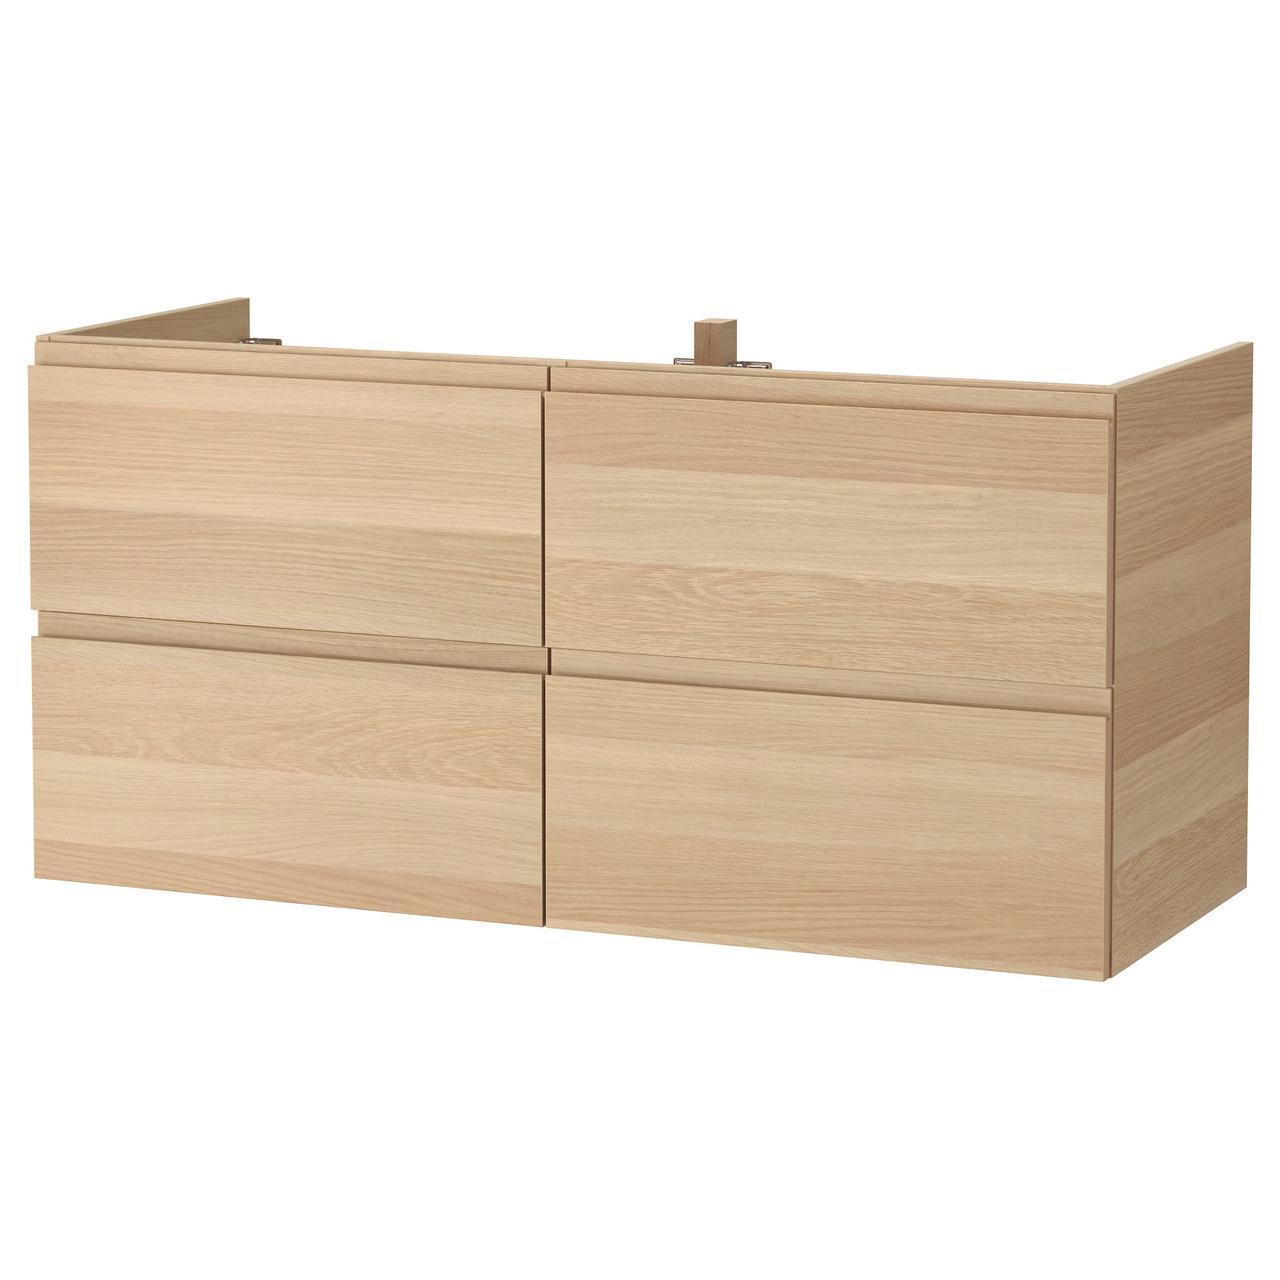 IKEA GODMORGON Шкаф под умывальник, Дуб беленый  (003.441.49)